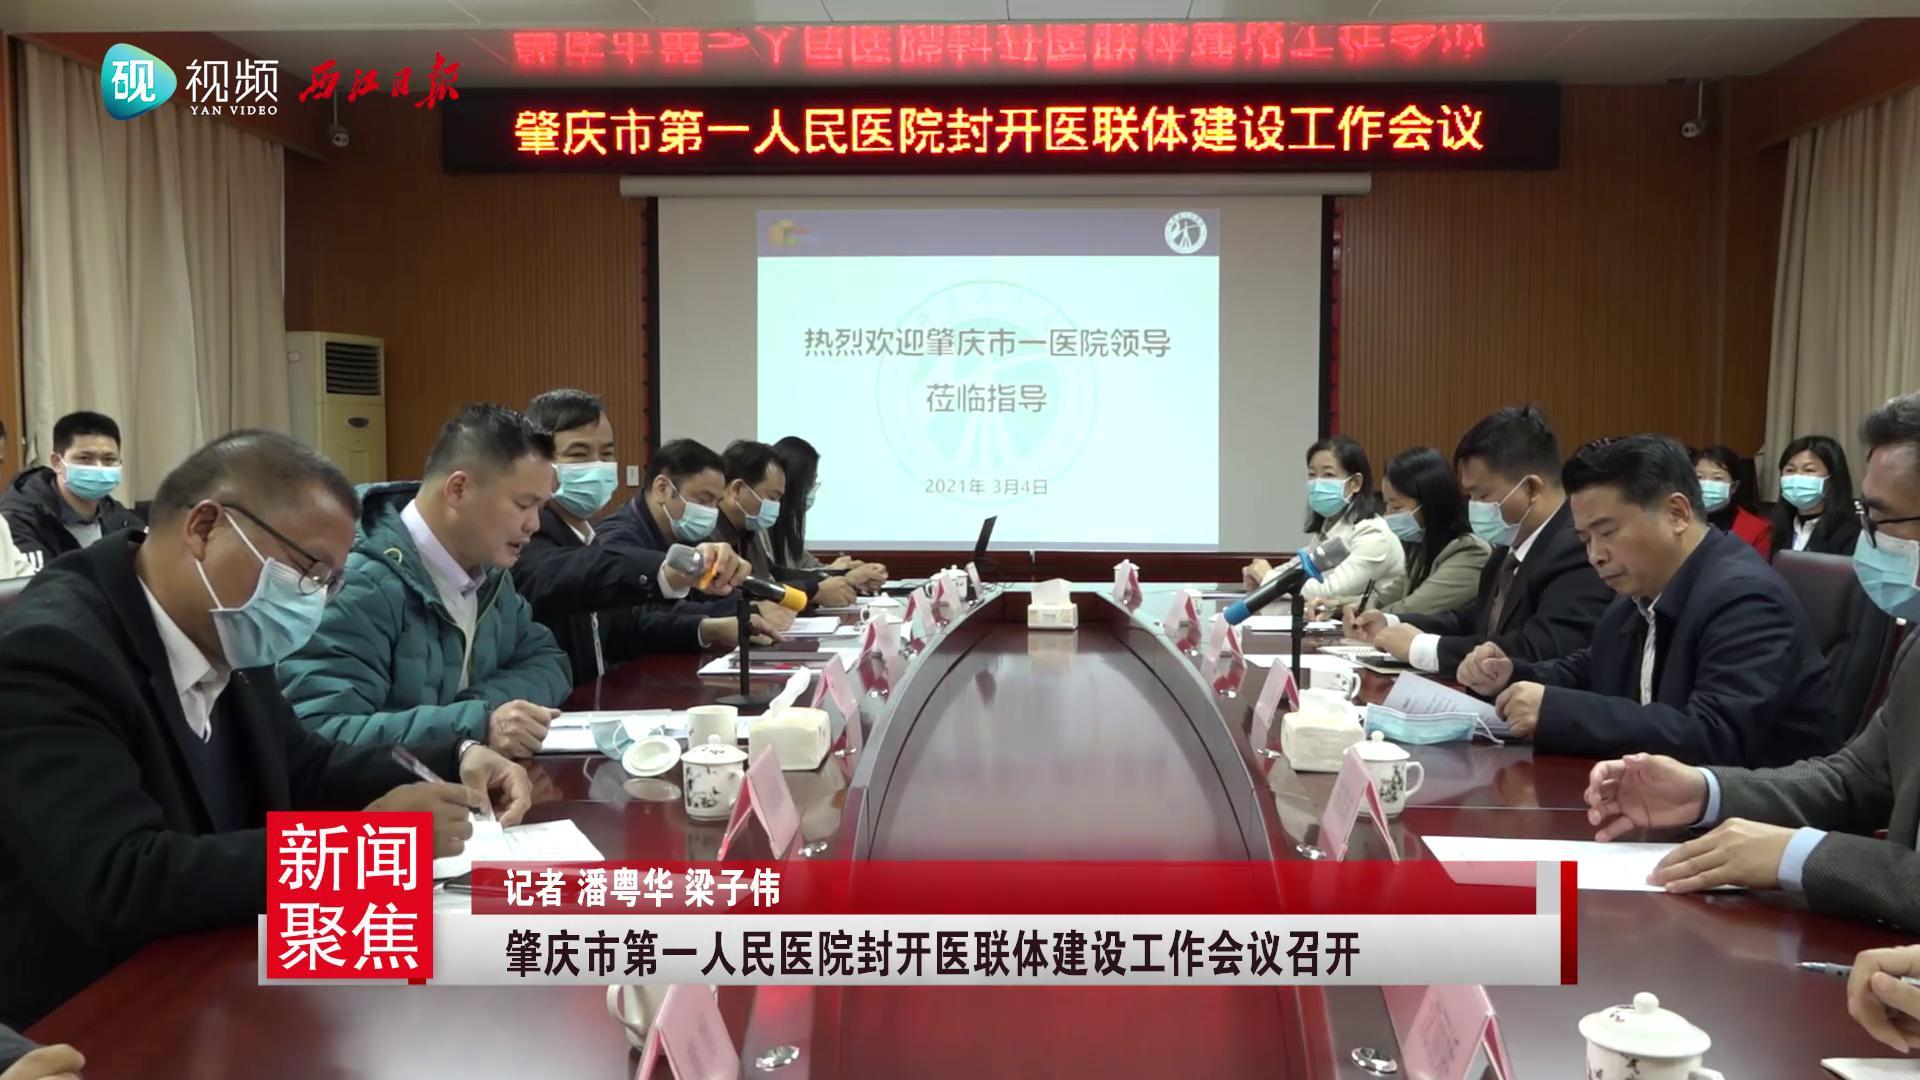 肇庆市第一人民医院封开医联体建设工作会议召开